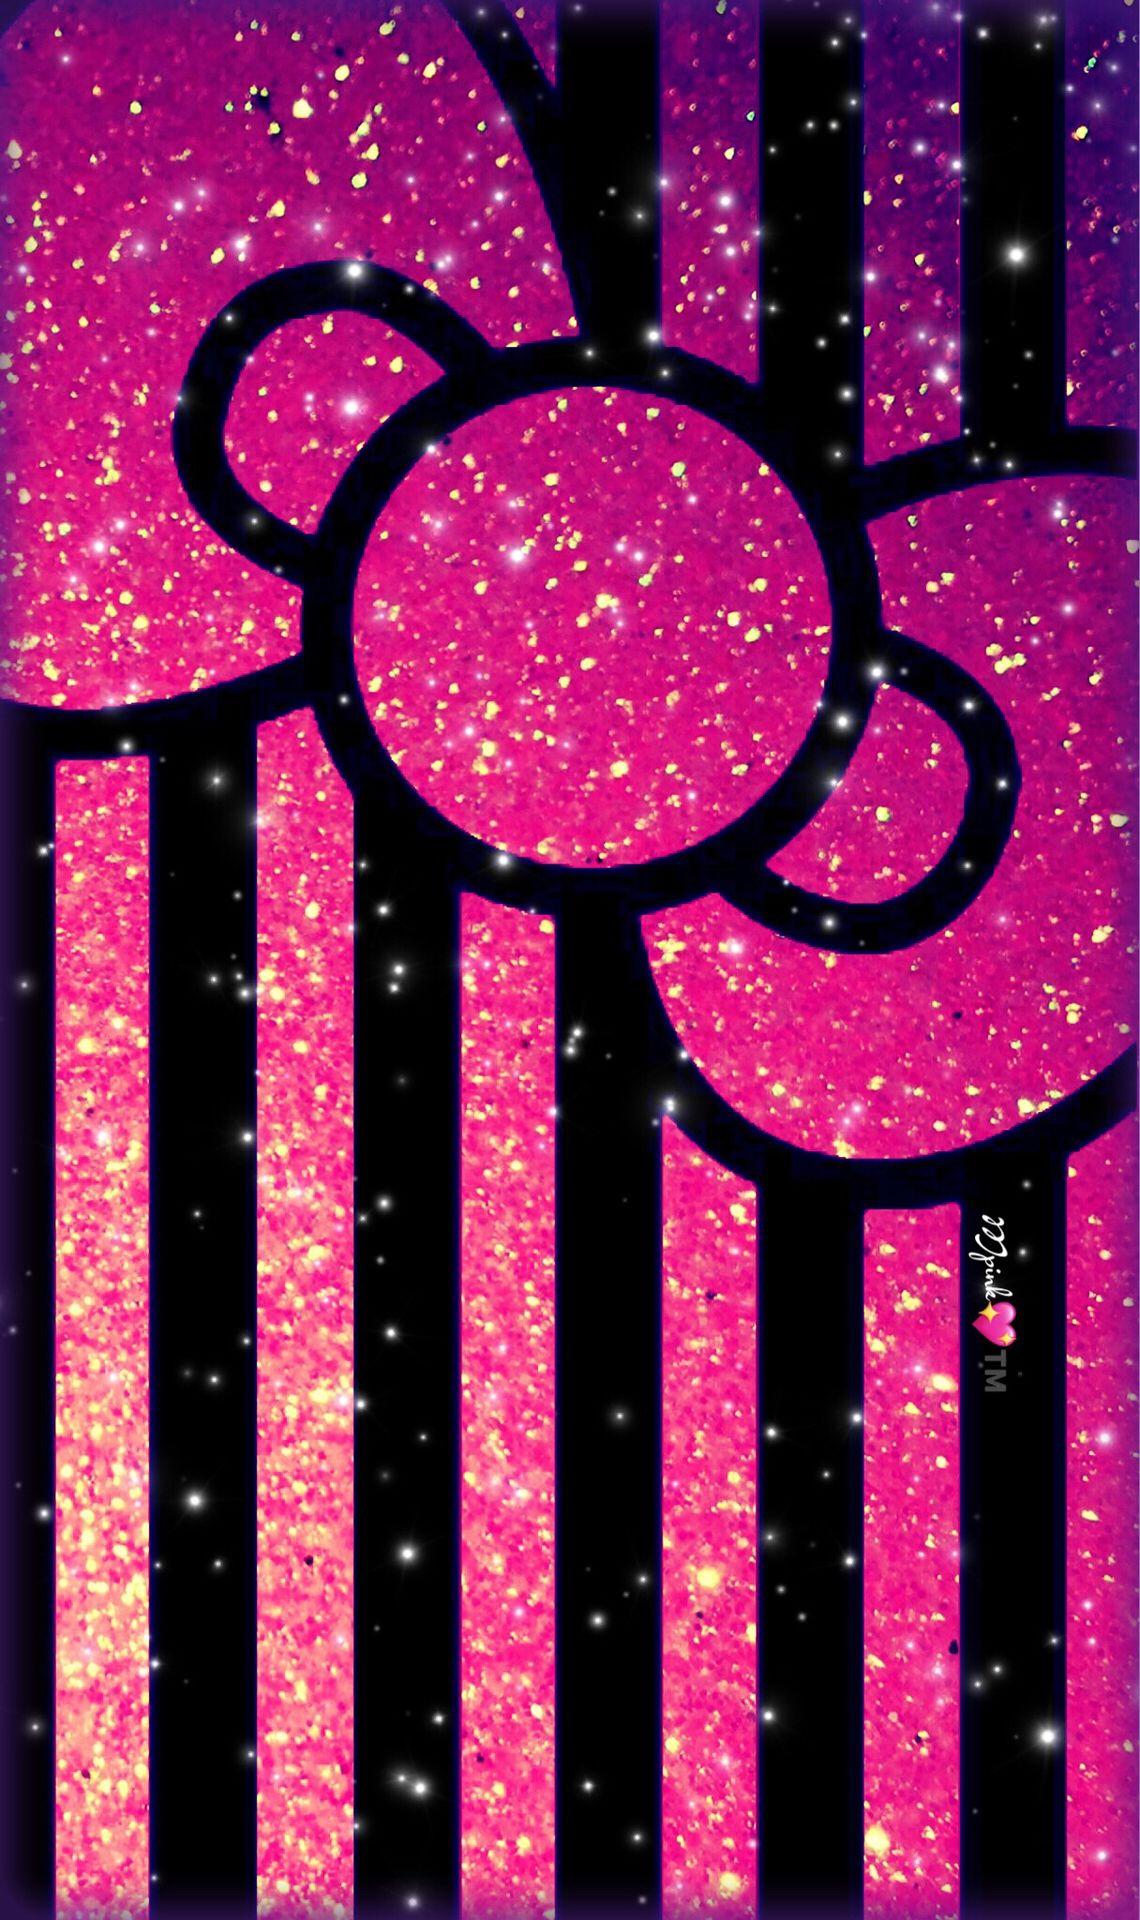 Bling Pink Bow Galaxy Wallpaper Androidwallpaper Iphonewallpaper Wallpaper Galaxy Sparkle Gl Iphone Background Art Galaxy Wallpaper Wallpaper Iphone Boho